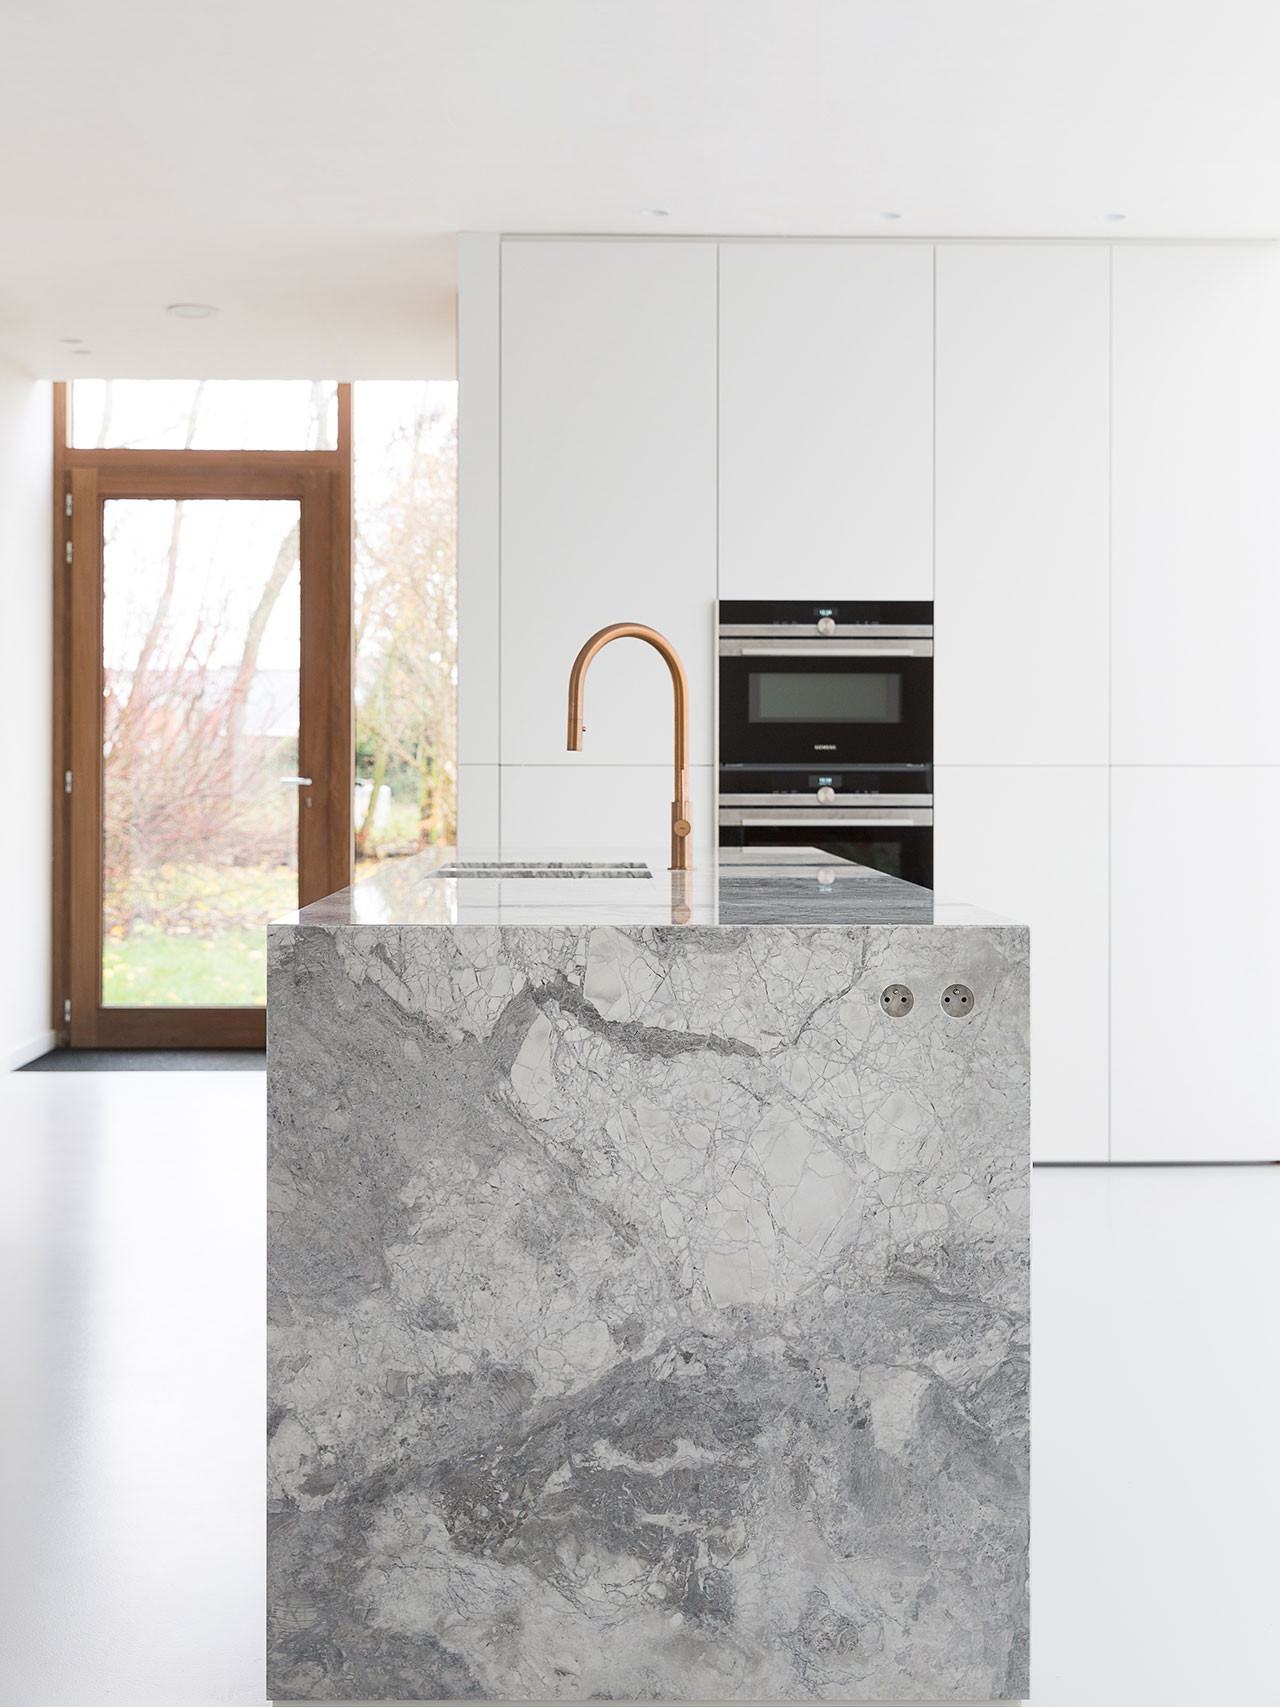 Dekeyzer-hedendaagse-keuken-realisatie-Gent-natuursteen-1.jpg